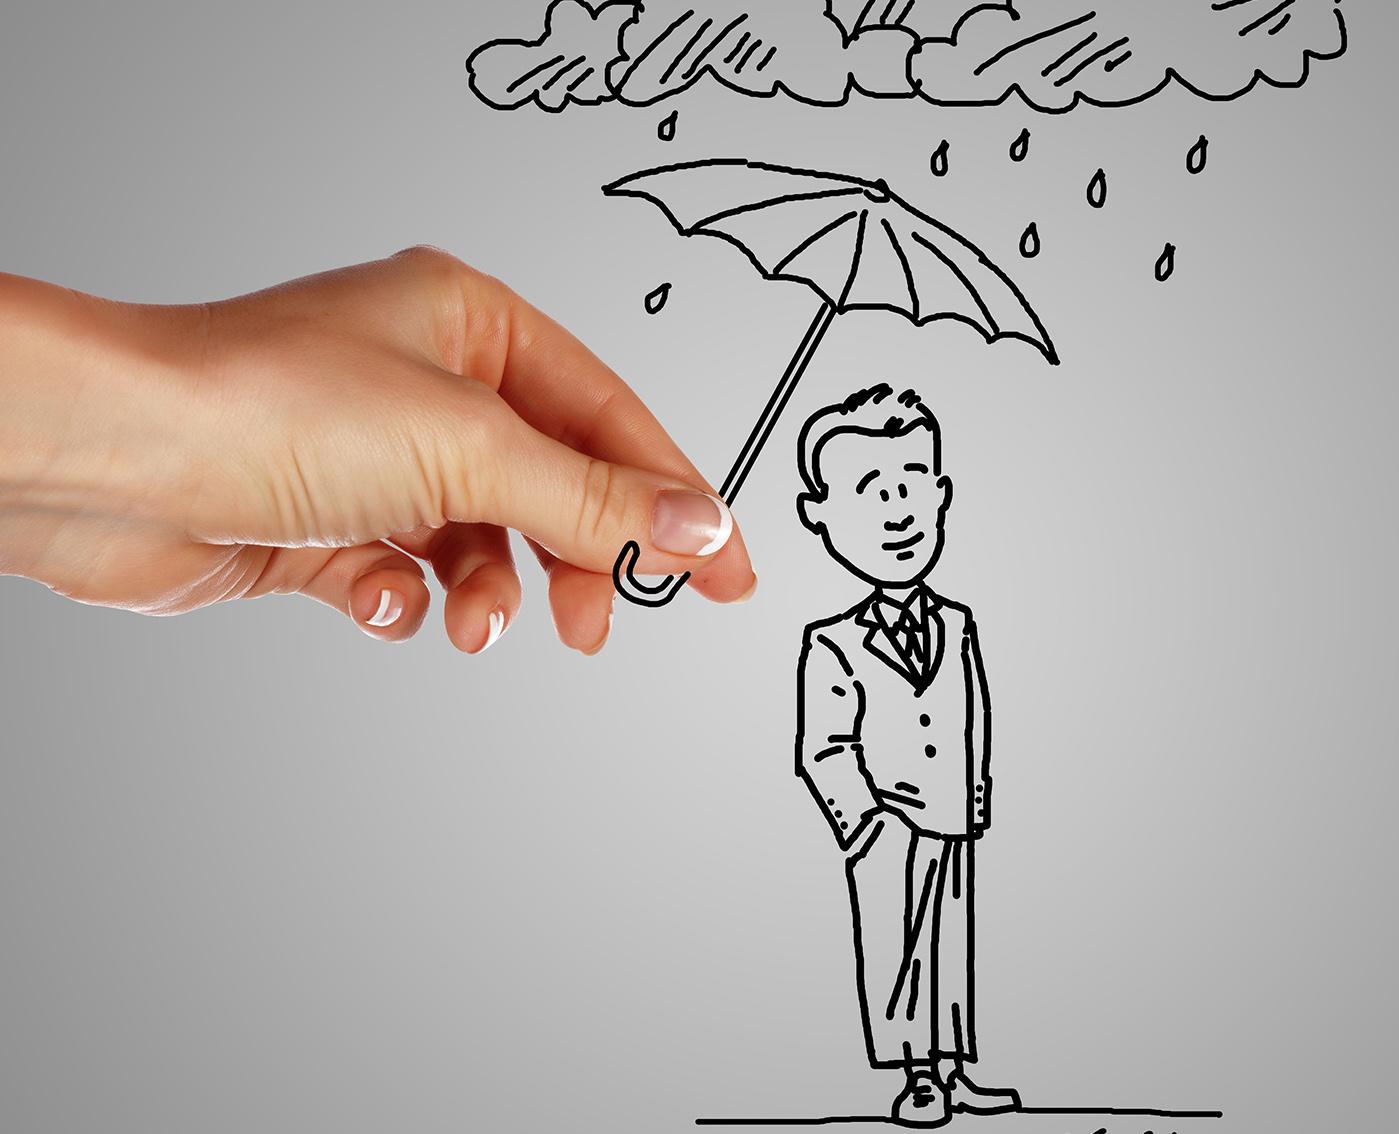 cartoon of a hand holding an umbrella over a man